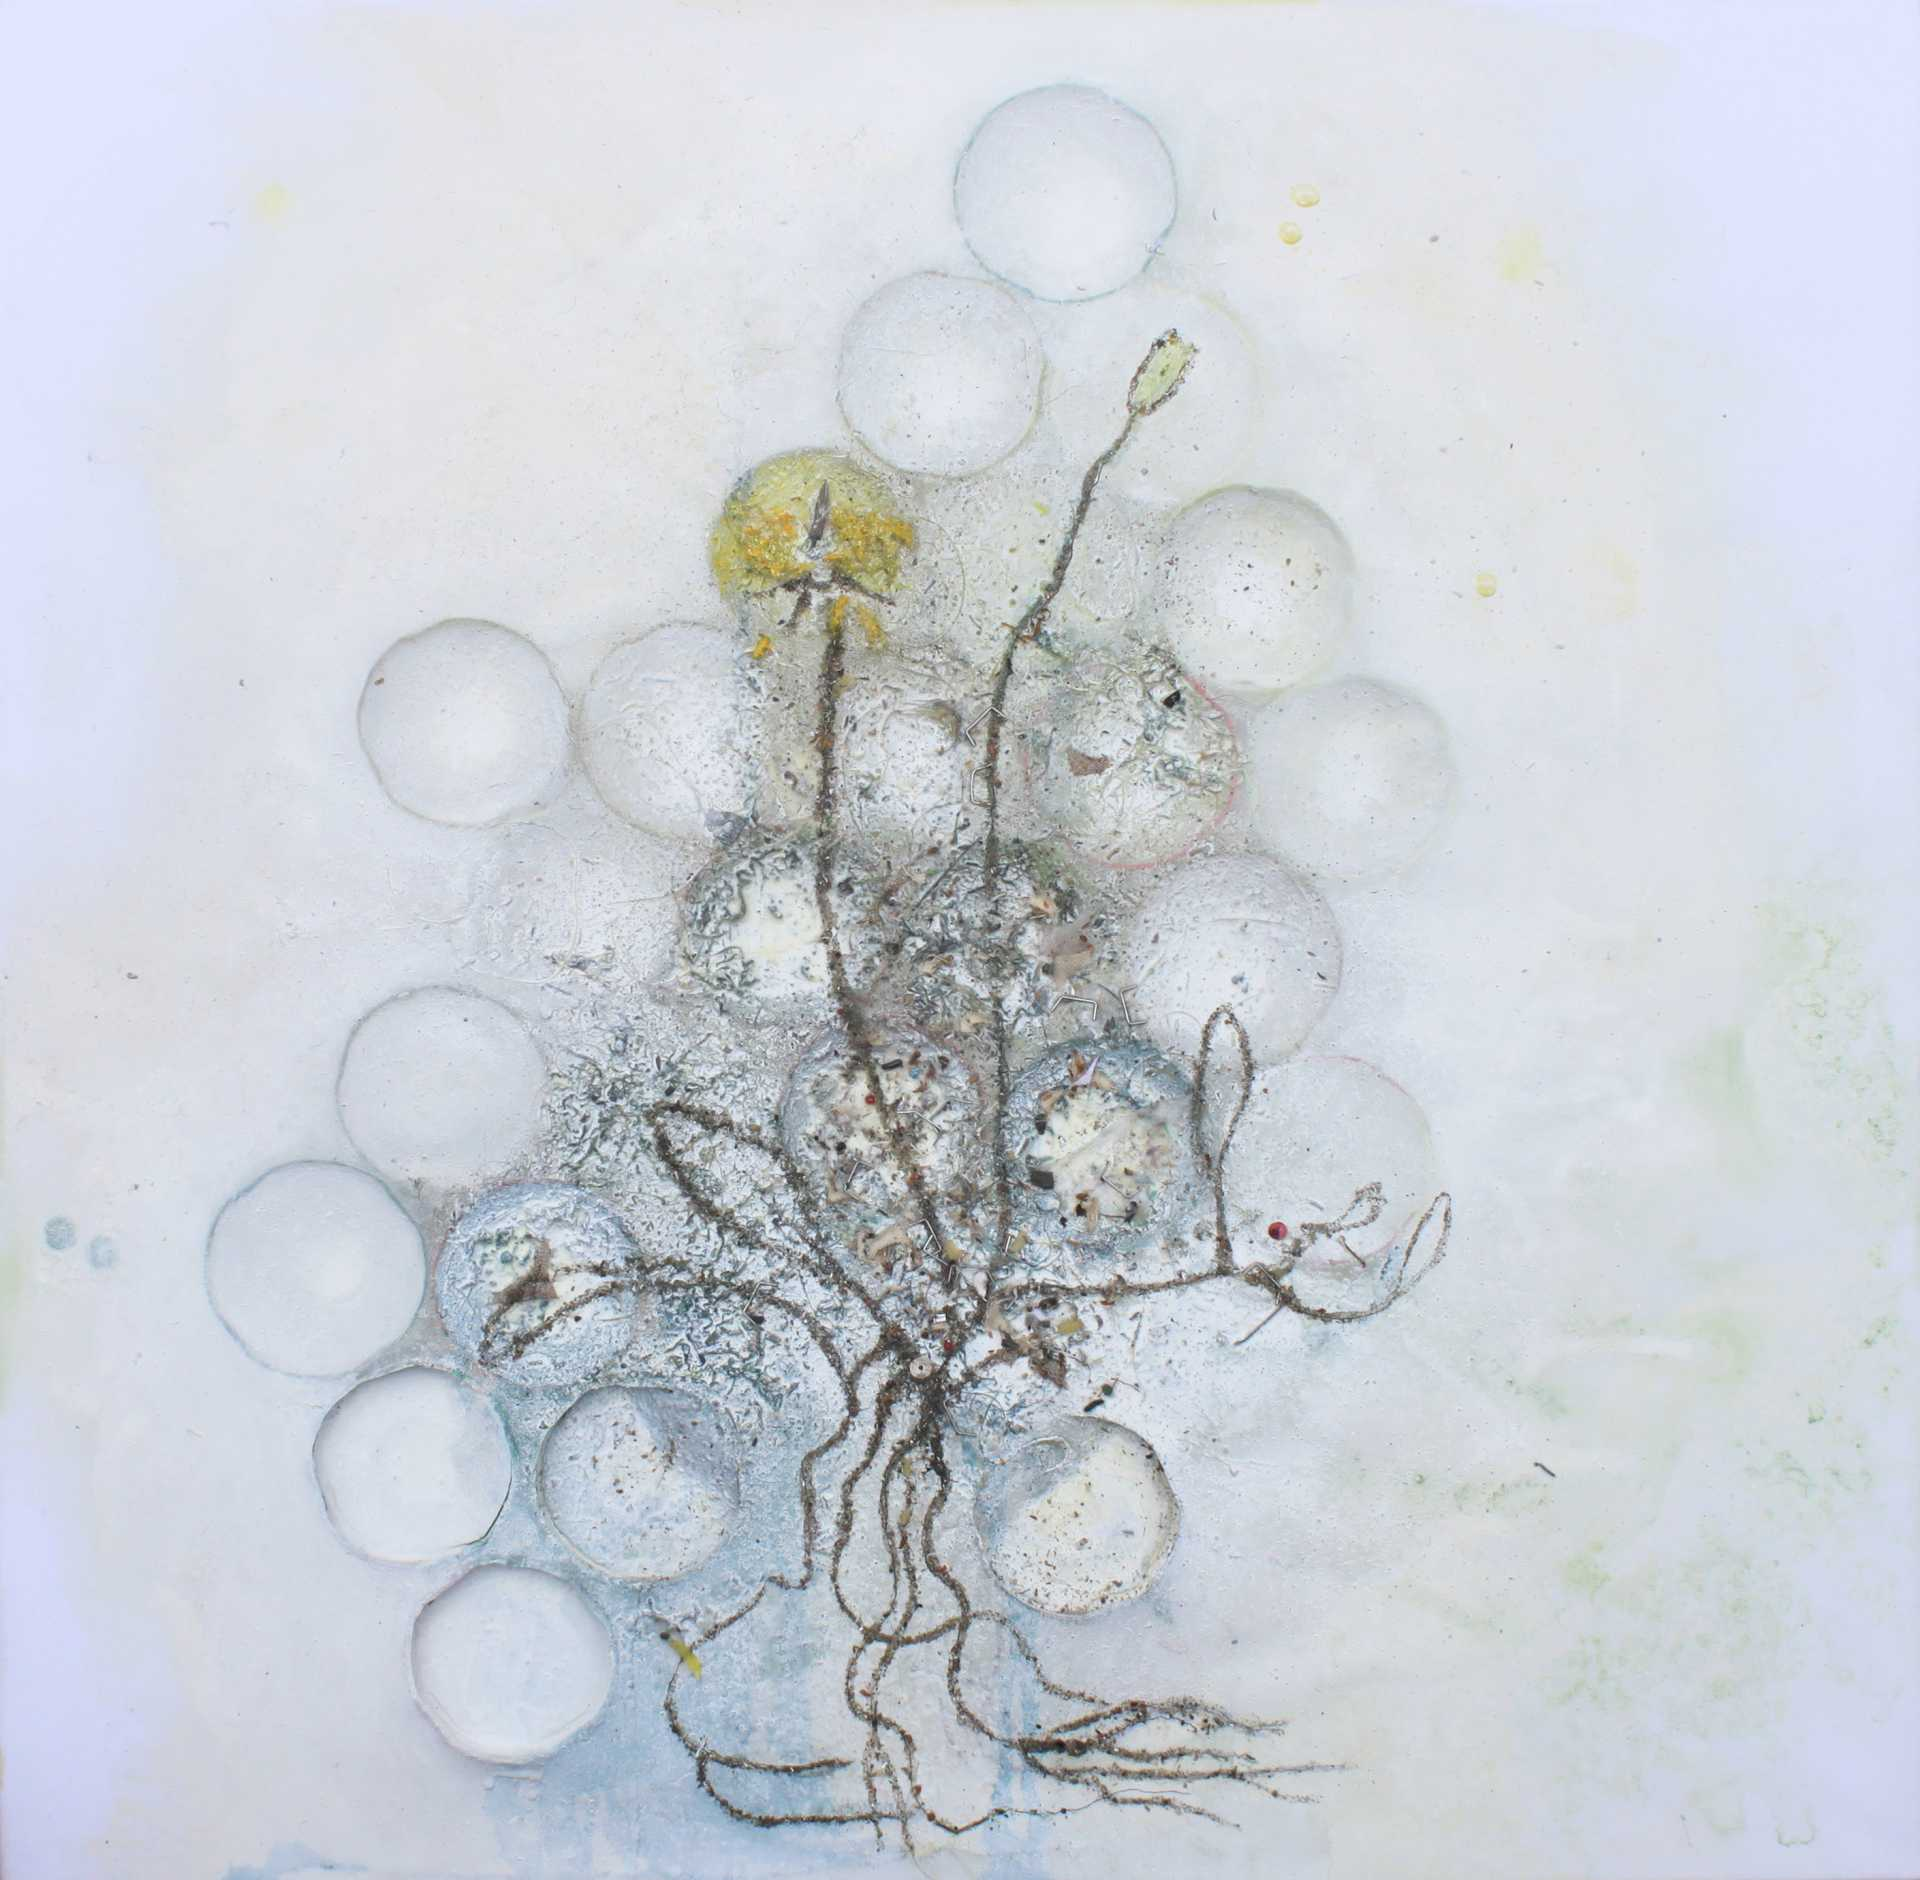 Brigitte-Picavet-Beeldend-Kunstenaar-Schilderijen